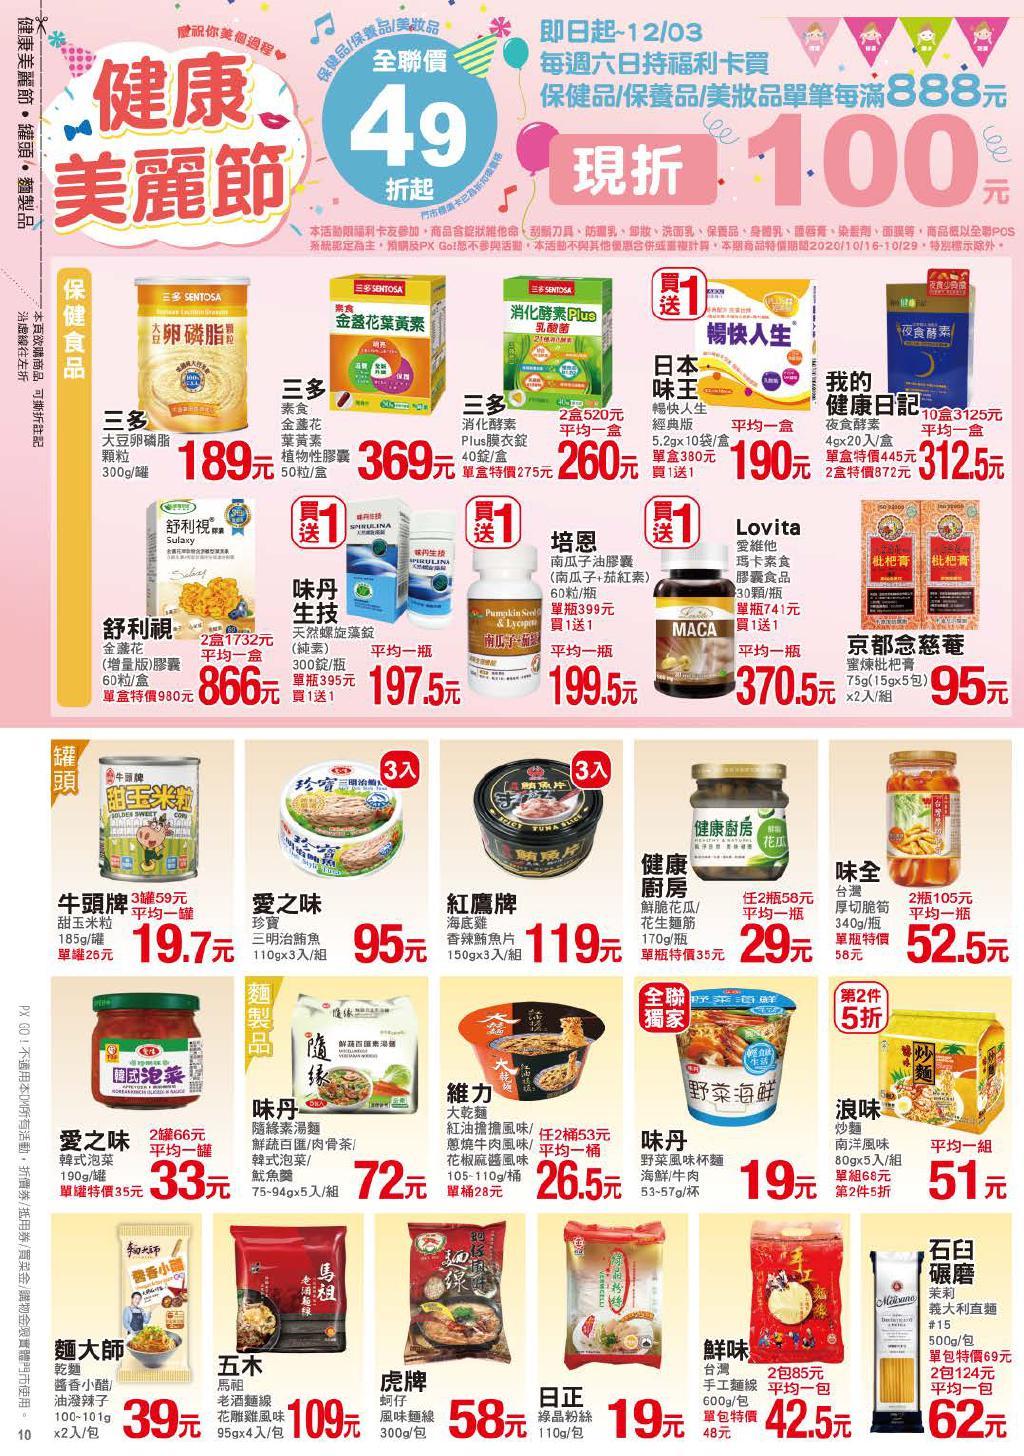 pxmart20201029_000010.jpg